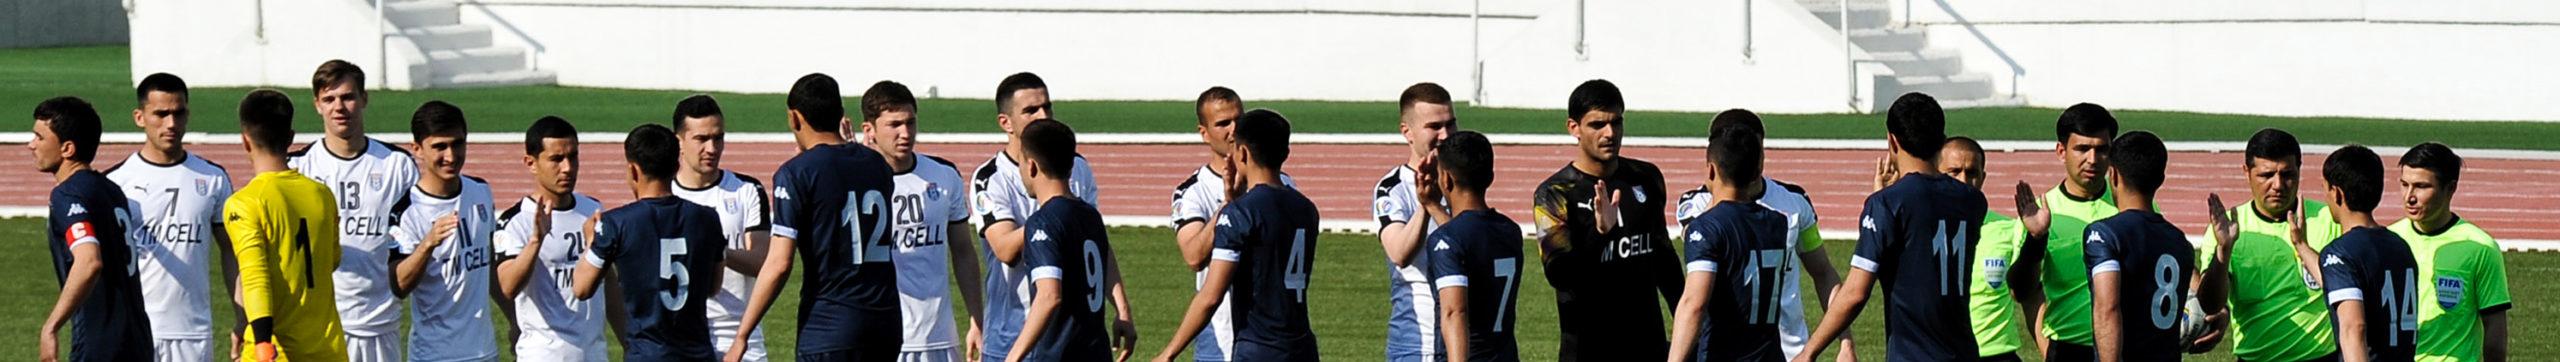 Yokary Liga, come funziona il campionato del Turkmenistan: storia e curiosità